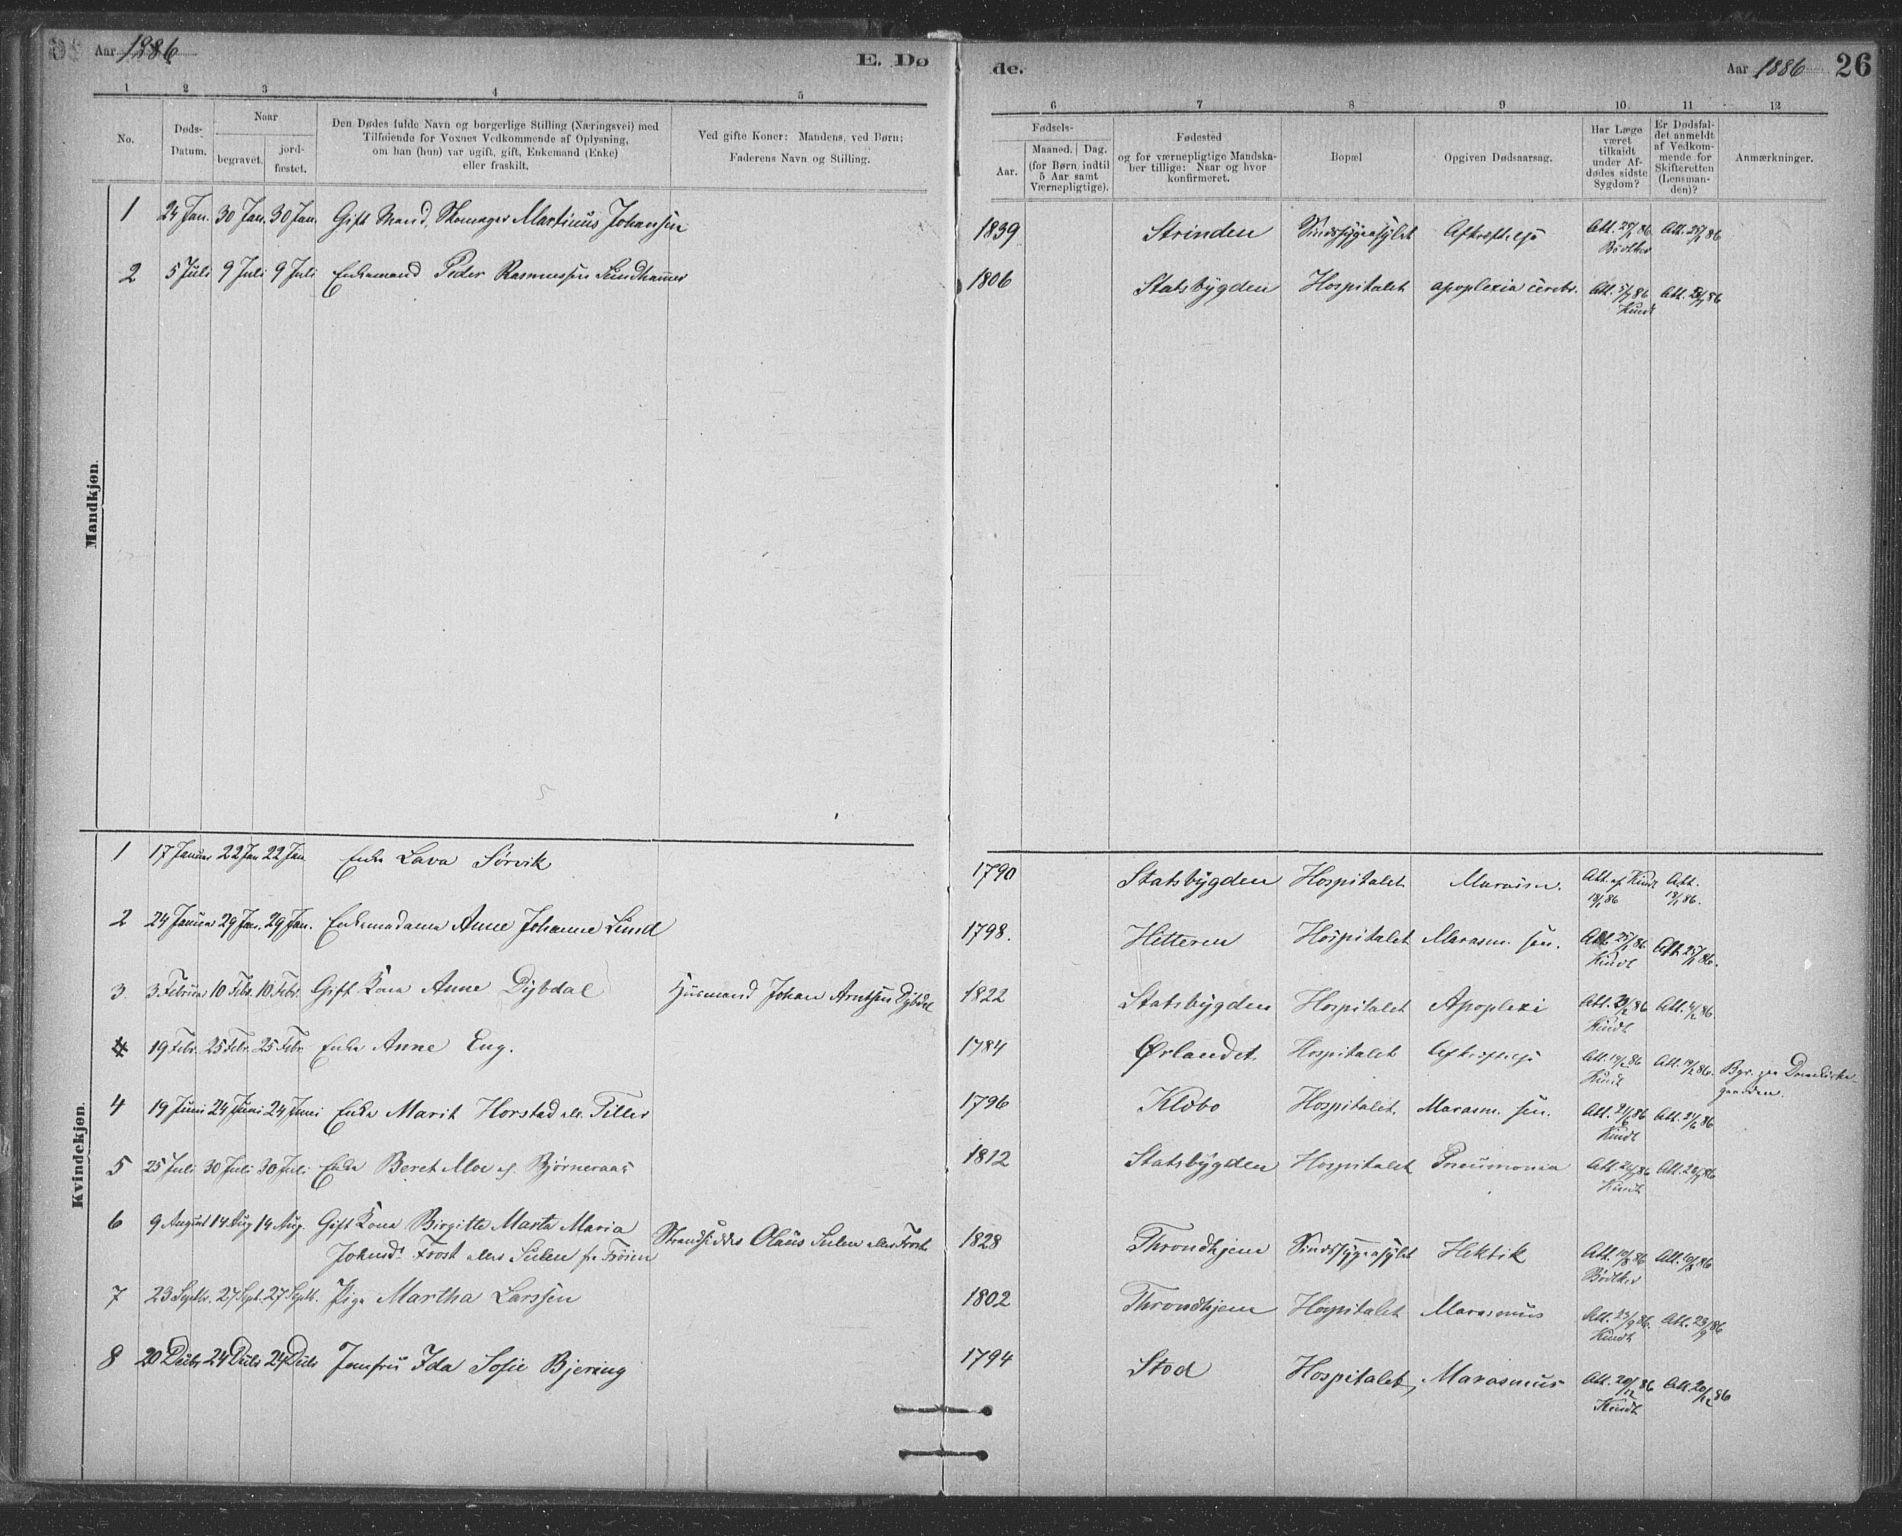 SAT, Ministerialprotokoller, klokkerbøker og fødselsregistre - Sør-Trøndelag, 623/L0470: Ministerialbok nr. 623A04, 1884-1938, s. 26